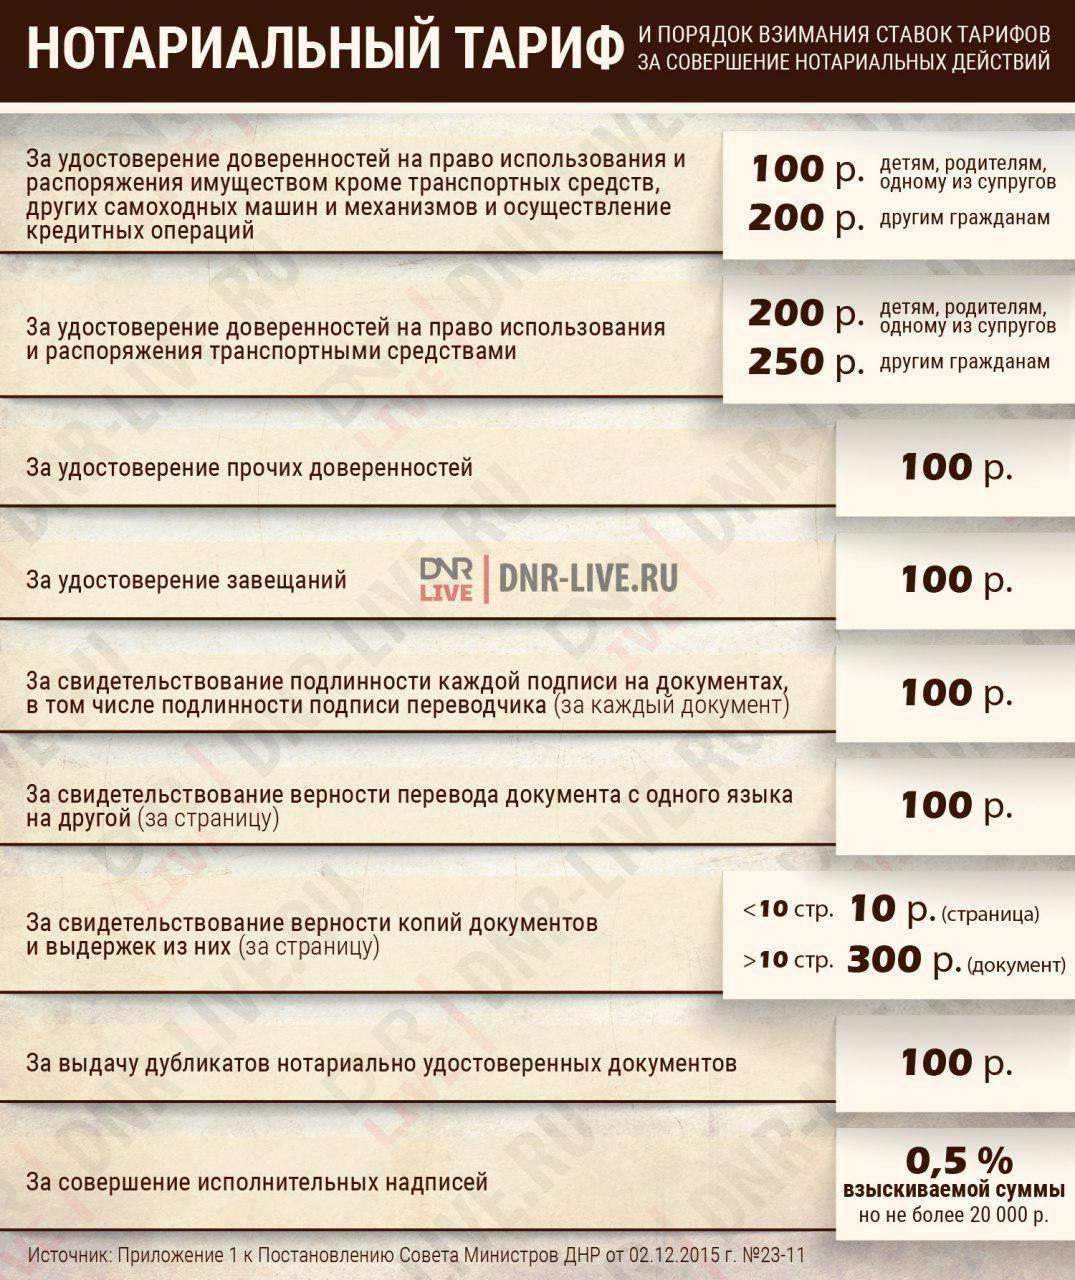 Стоимость услуг нотариуса в москве | цены на нотариальные услуги